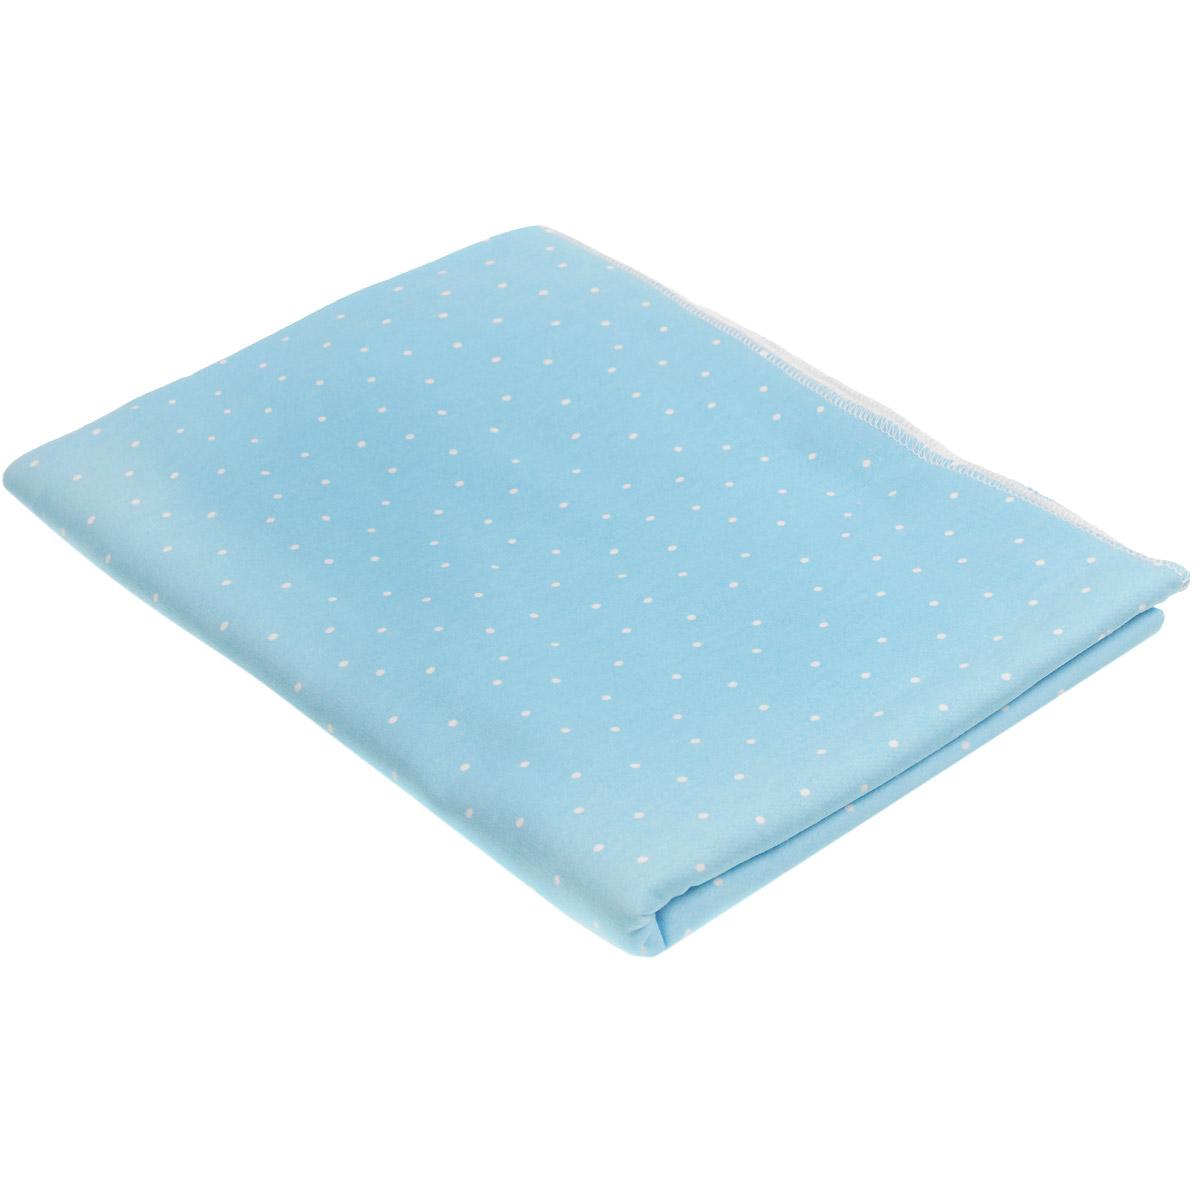 Пеленка трикотажная Трон-плюс, цвет: голубой, белый, 120 см х 90 см30-164Детская пеленка Трон-Плюс подходит для пеленания ребенка с самого рождения. Она невероятно мягкая и нежная на ощупь. Пеленка выполнена из футера - натурального трикотажного материала из хлопка, гладкого с внешней стороны, мягкого и нежного с внутренней. Такая ткань прекрасно пропускает воздух, она гипоаллергенна, не раздражает чувствительную кожу ребенка, почти не мнется и не теряет формы после стирки. Мягкая ткань укутывает малыша с необычайной нежностью. Пеленку также можно использовать как легкое одеяло в жаркую погоду, простынку, полотенце после купания, накидку для кормления грудью или солнцезащитный козырек.Ее размер подходит для пеленания даже крупного малыша.